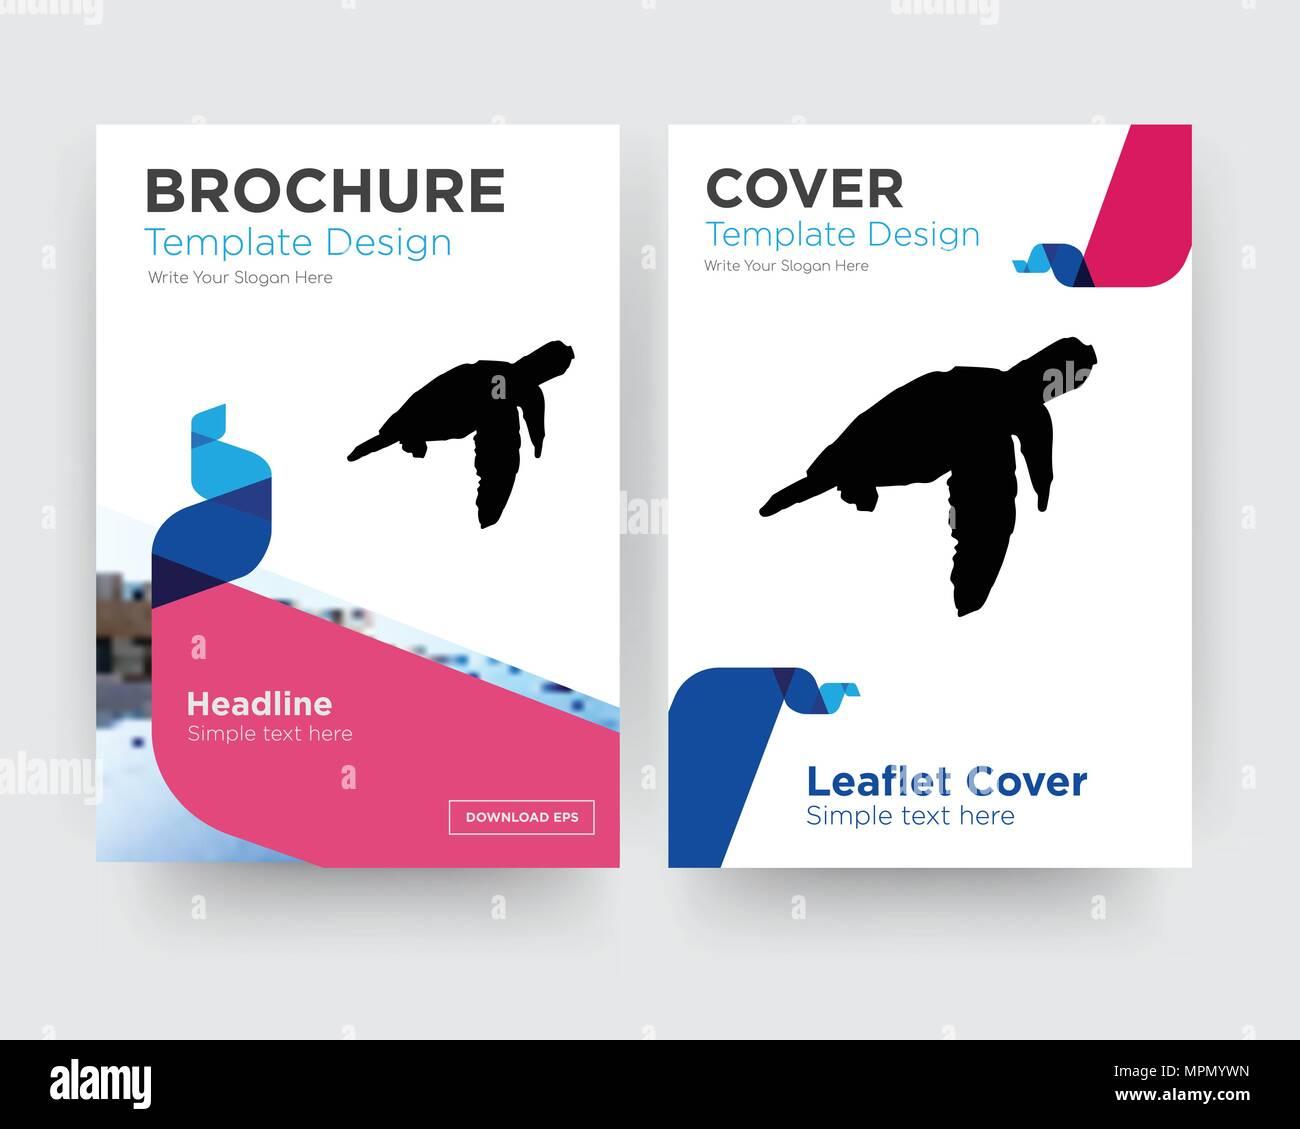 Sea Turtle Broschuren Flyer Design Template Mit Abstrakten Foto Hintergrund Minimalistischen Trend Business Corporate Roll Up Oder Jahresbericht